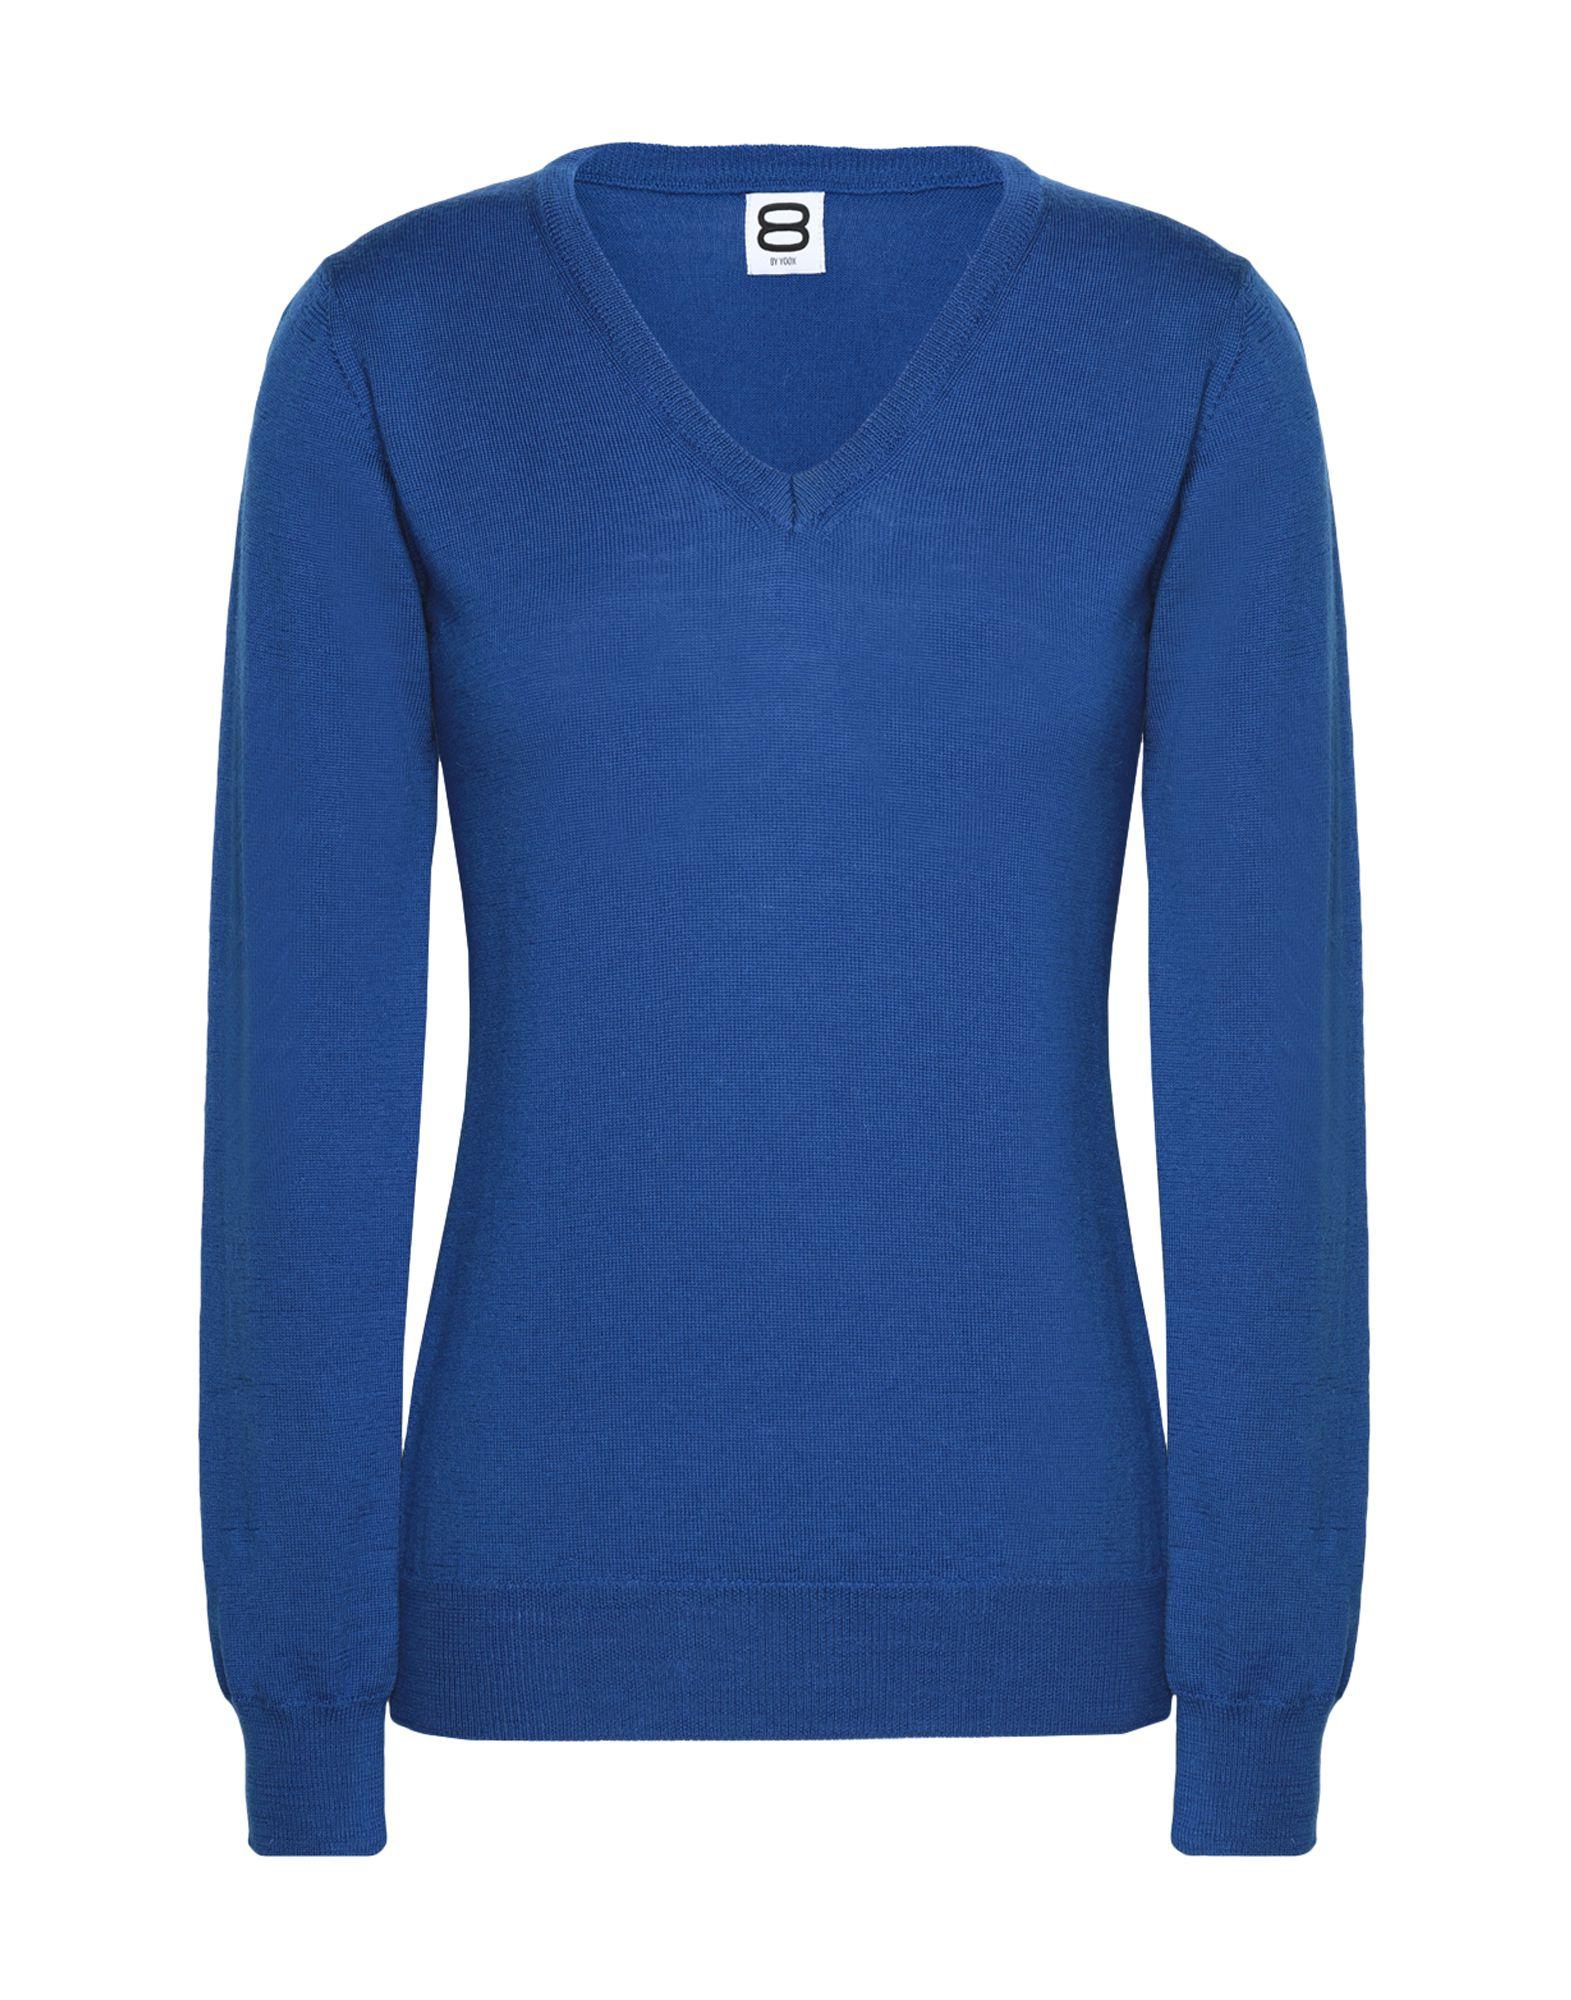 8 by YOOX Свитер пуловер без рукавов с v образным вырезом из трикотажа в рубчик